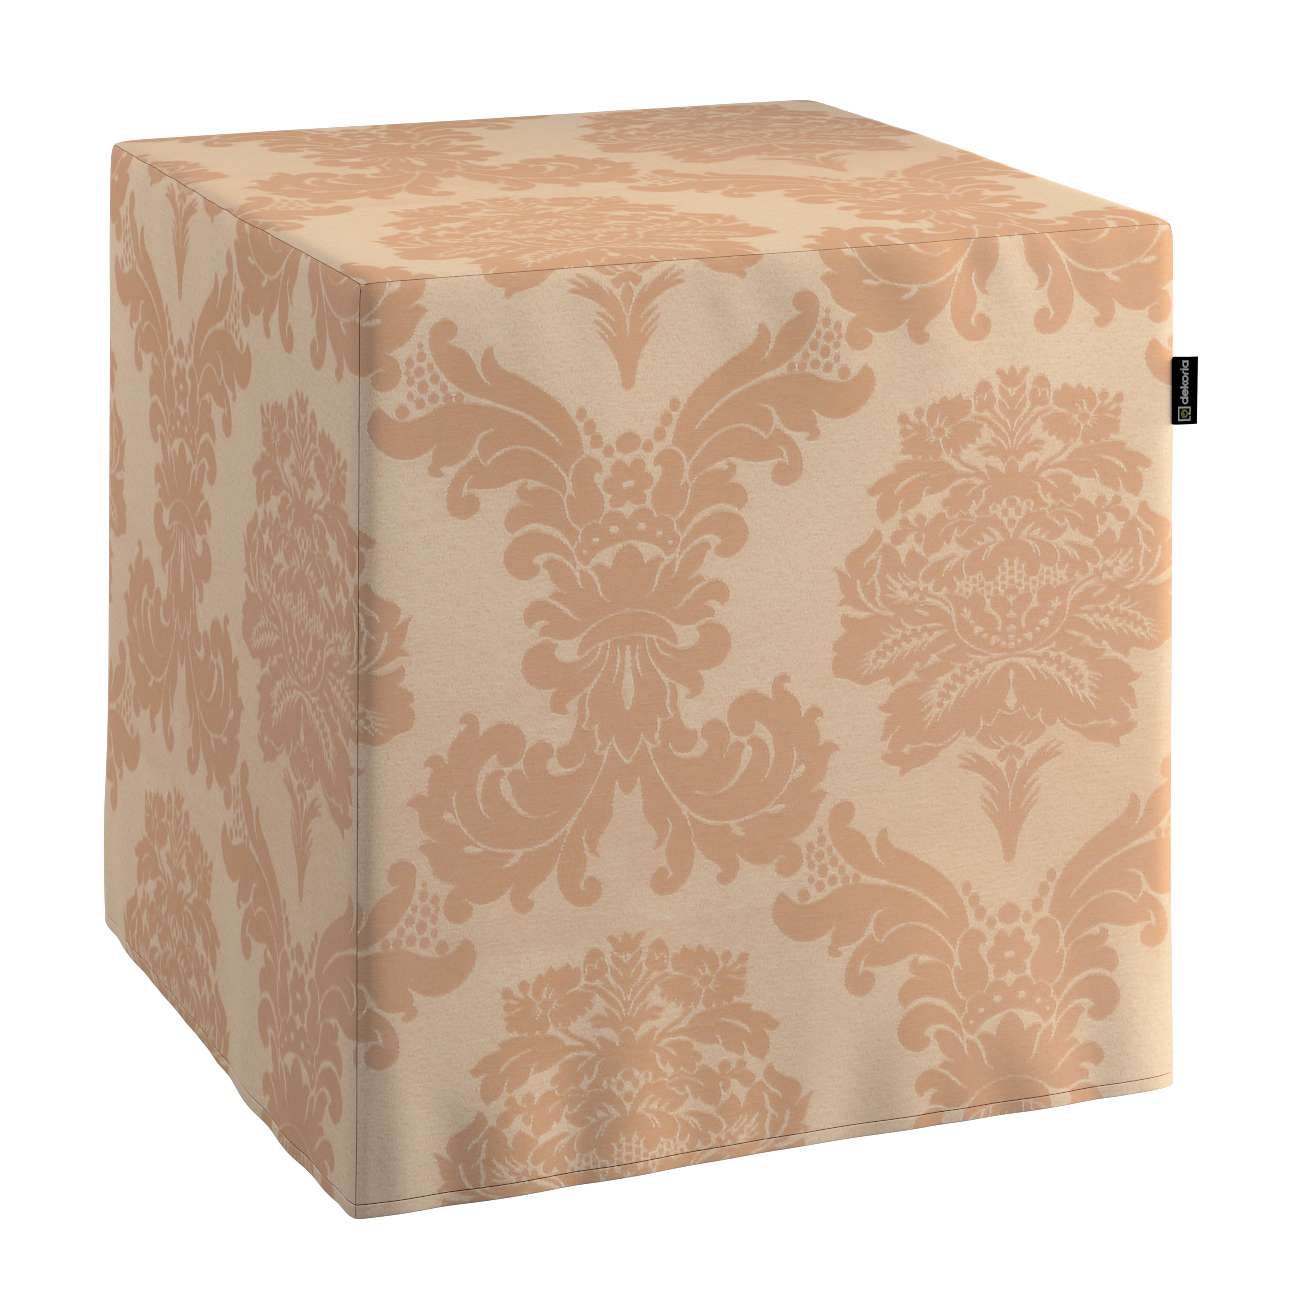 Pokrowiec na pufę kostke kostka 40x40x40 cm w kolekcji Damasco, tkanina: 613-04